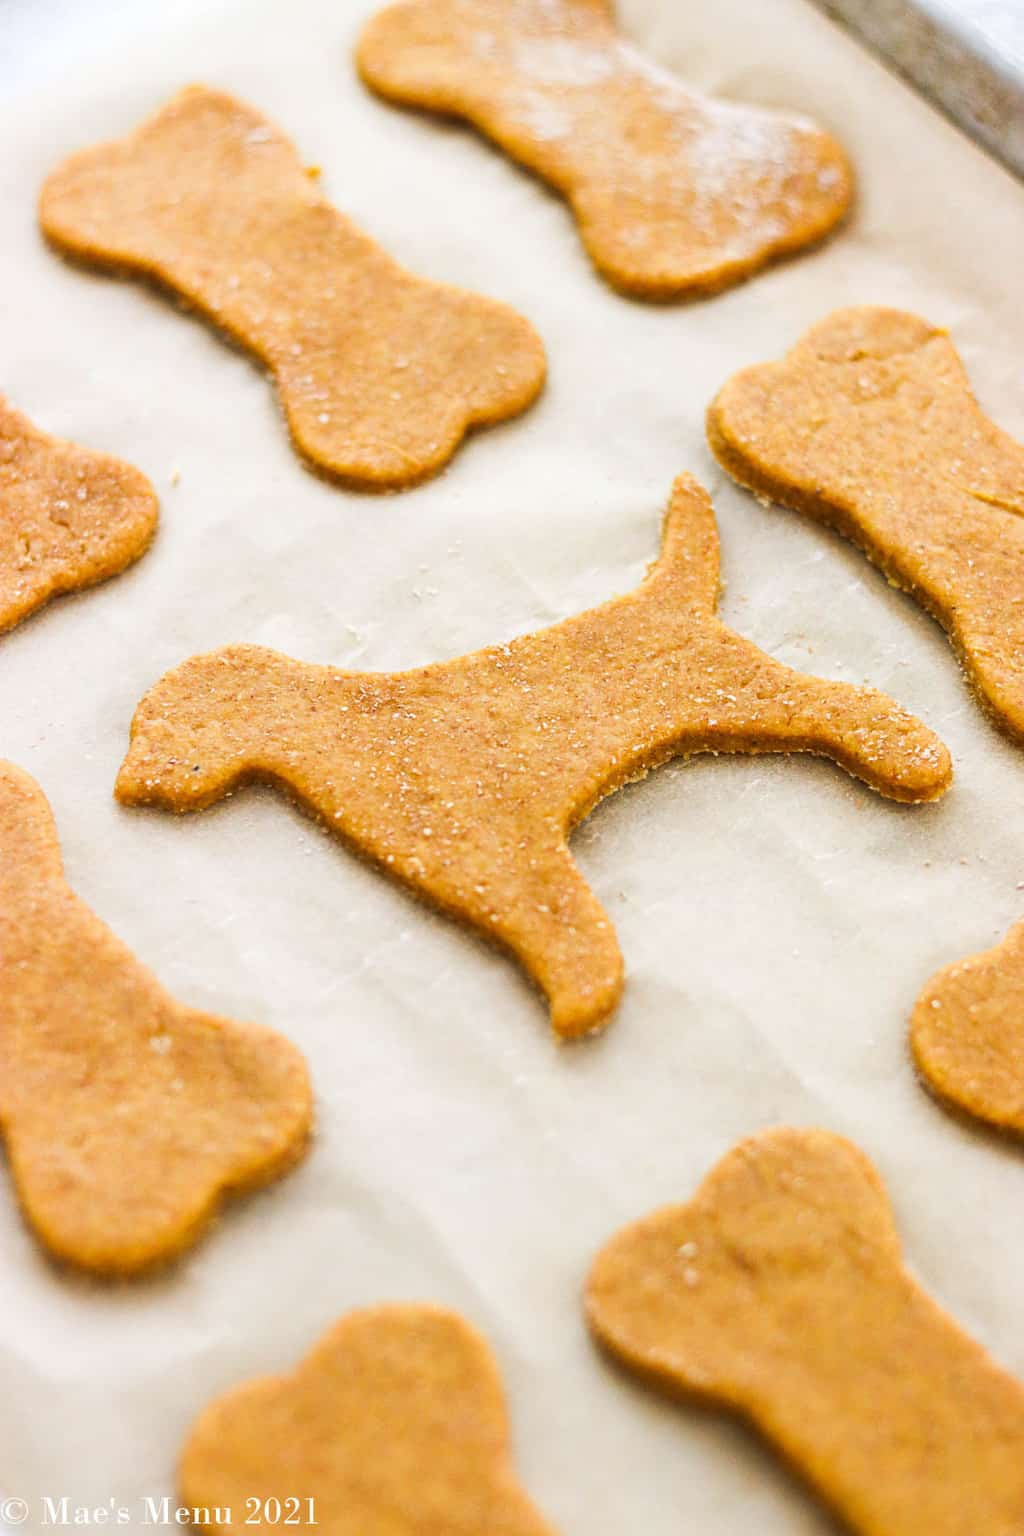 unbaked Peanut butter pumpkin dog treats on a baking sheet